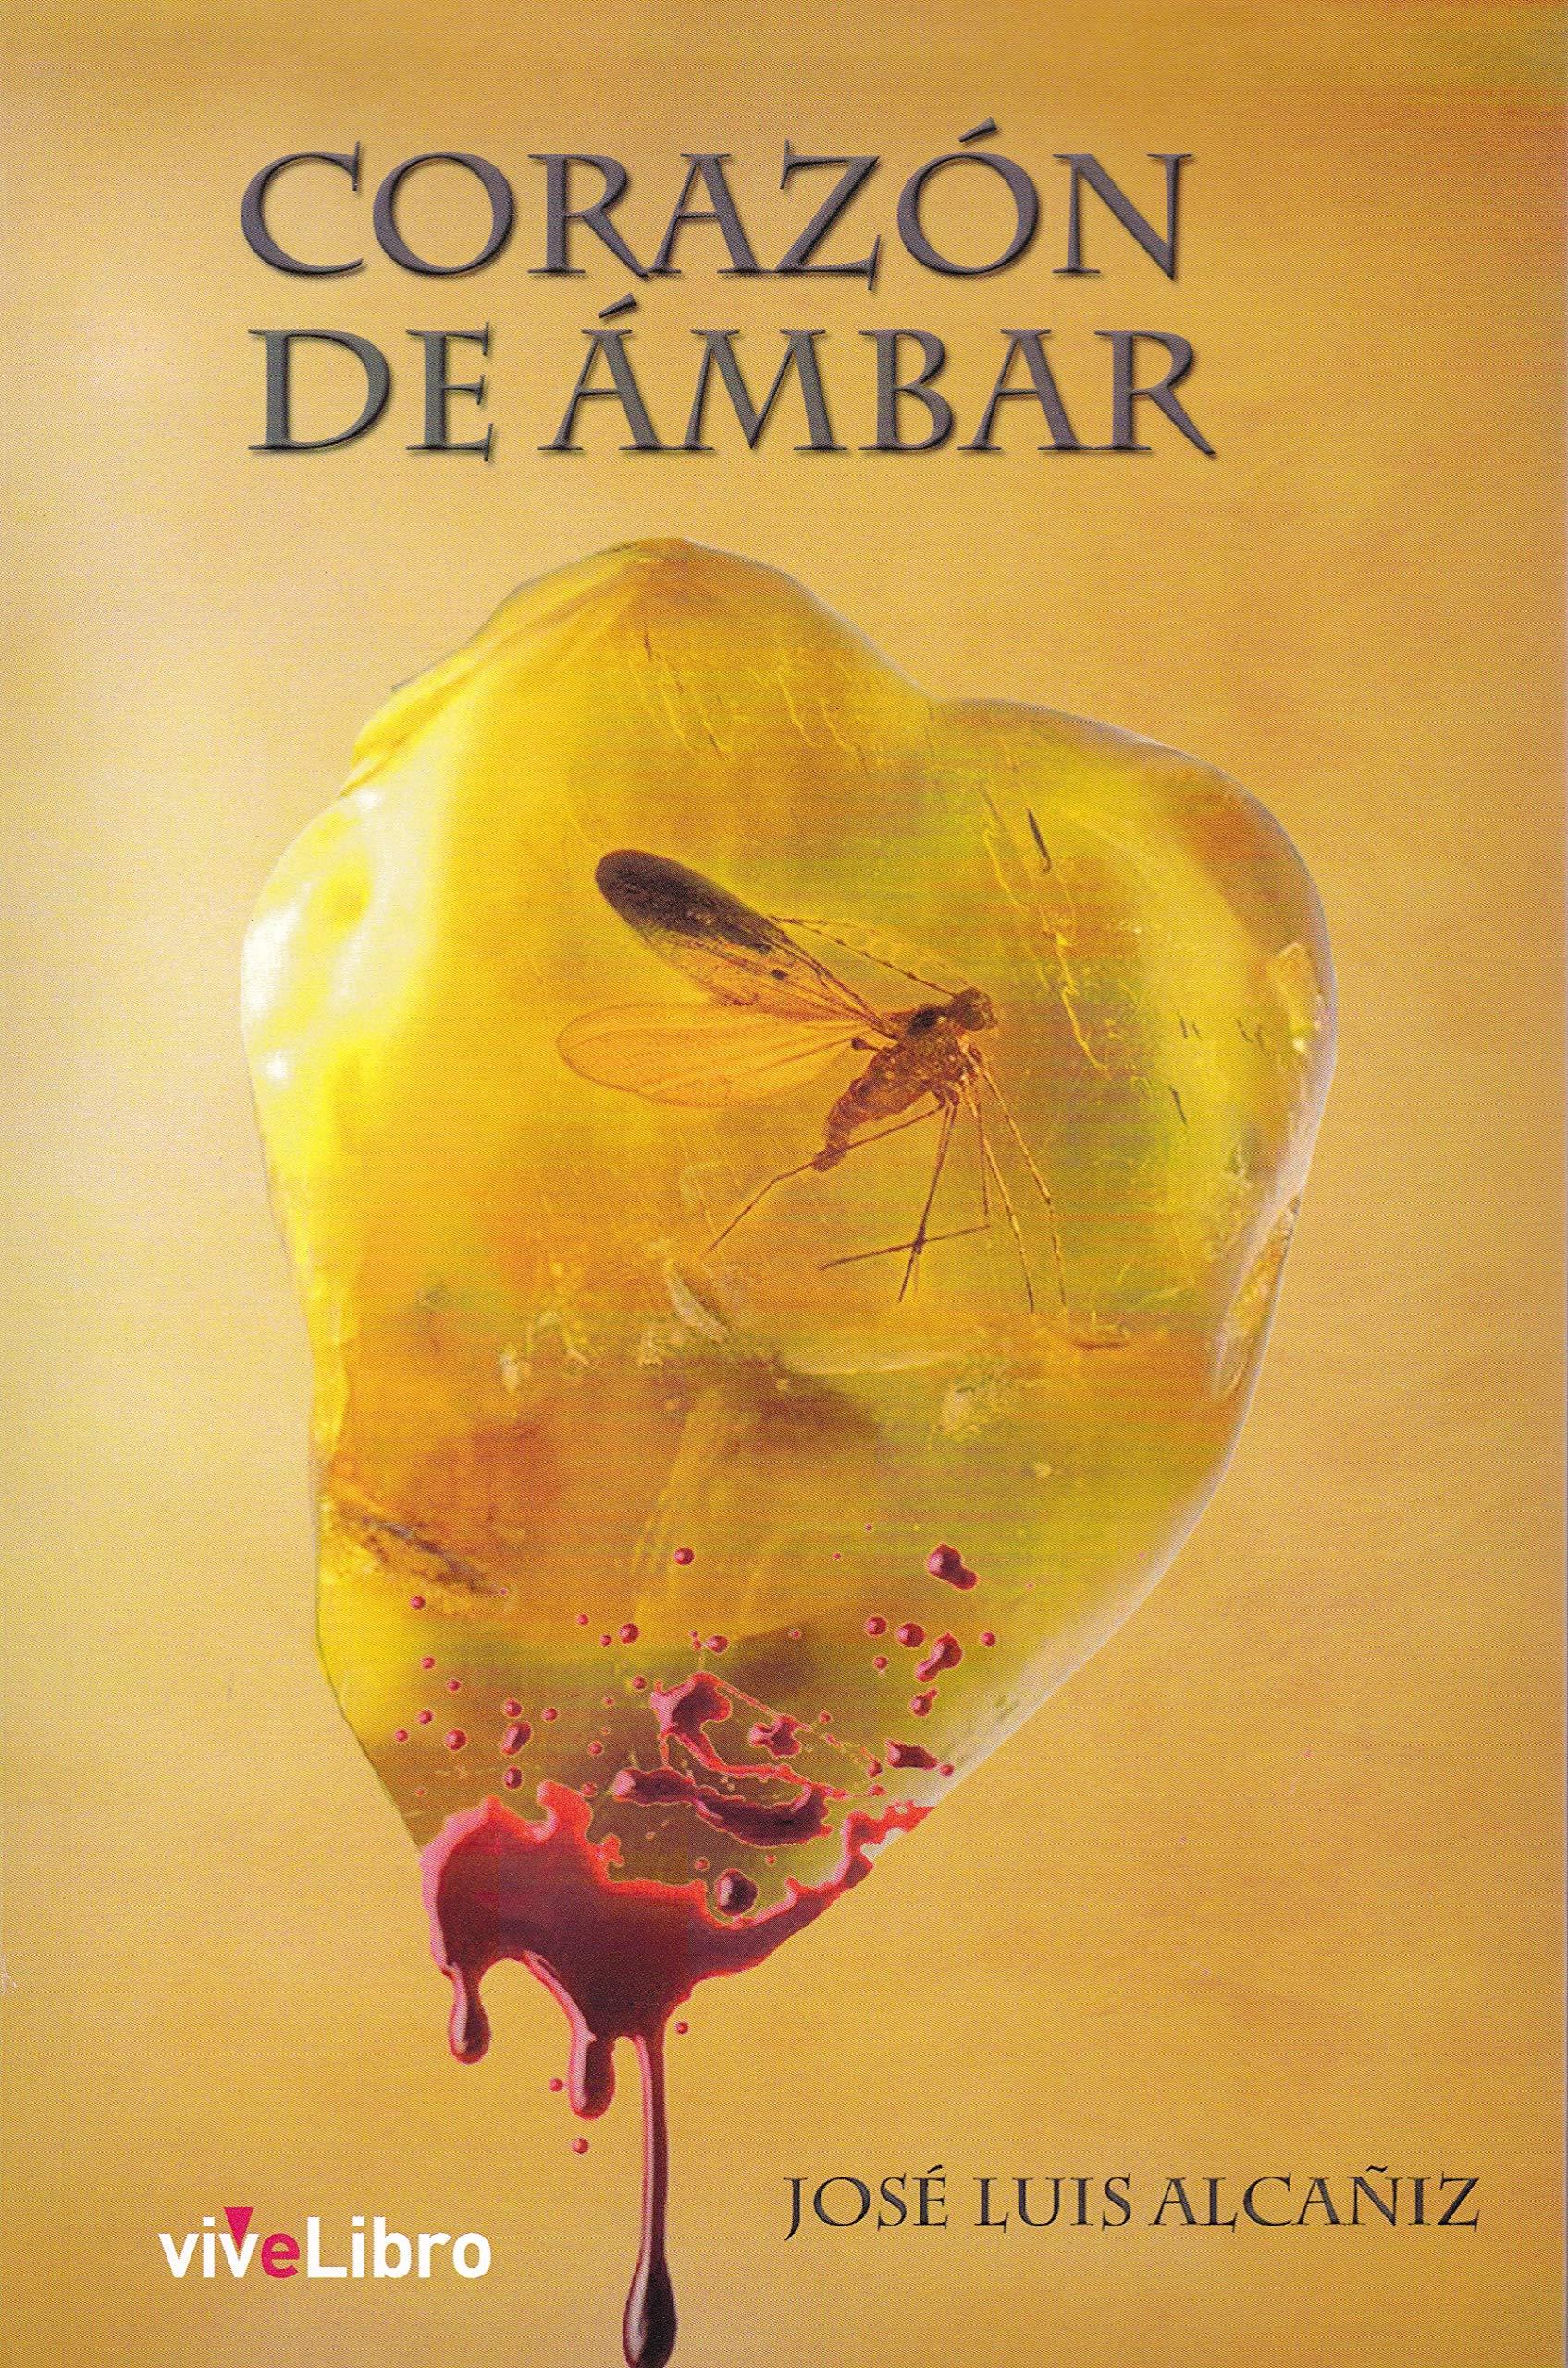 Corazón de Ámbar (viveLibro): Amazon.es: José Luis Alcañiz ...